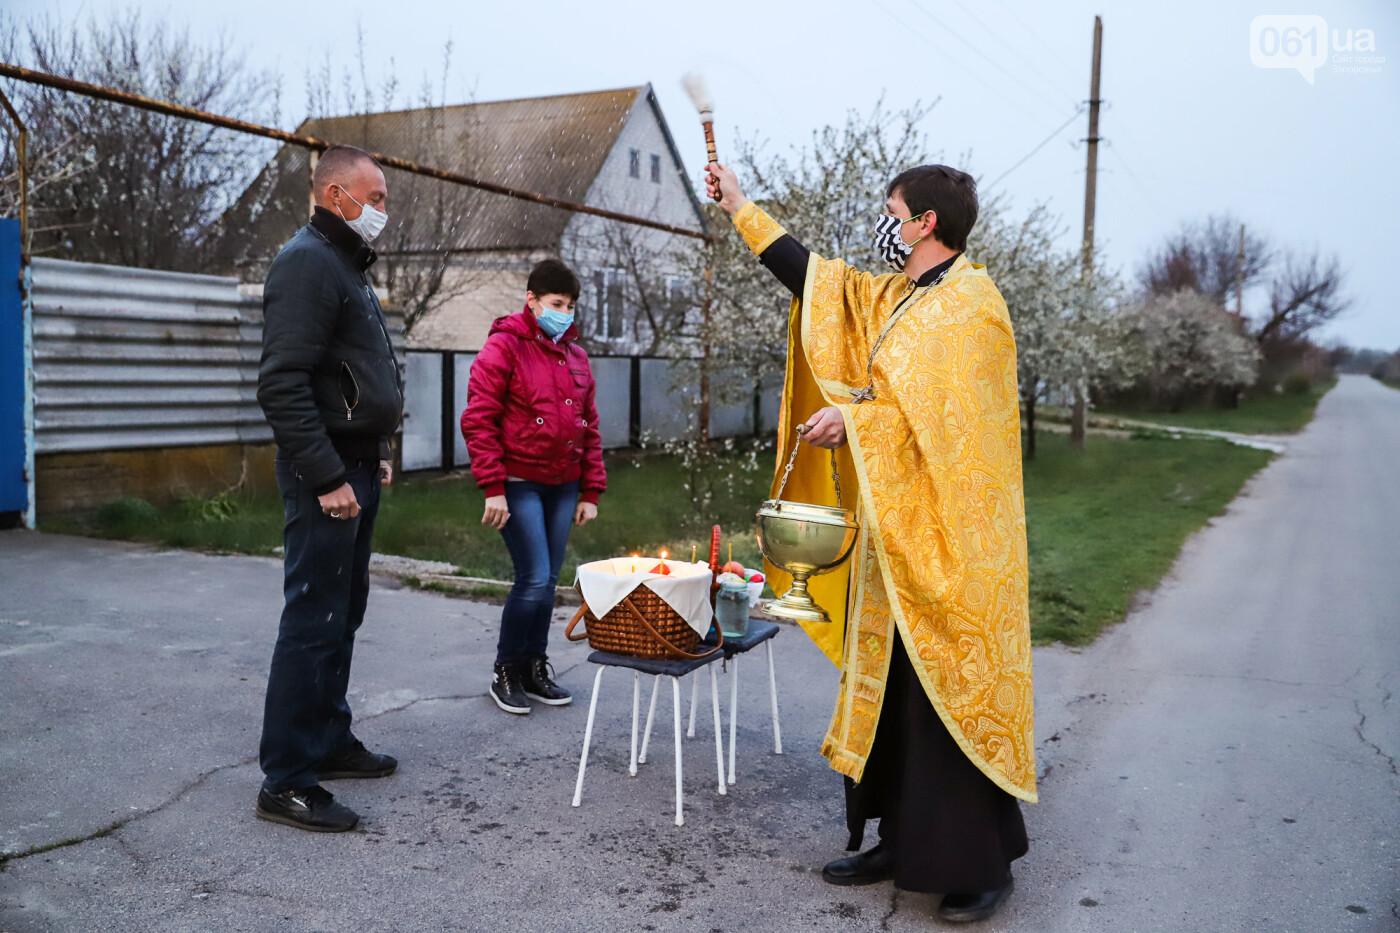 Освящение пасок у дворов на сельских улицах и полицейские возле храмов вместо прихожан: как празднуют Пасху в Запорожье, - ФОТОРЕПОРТАЖ, фото-14